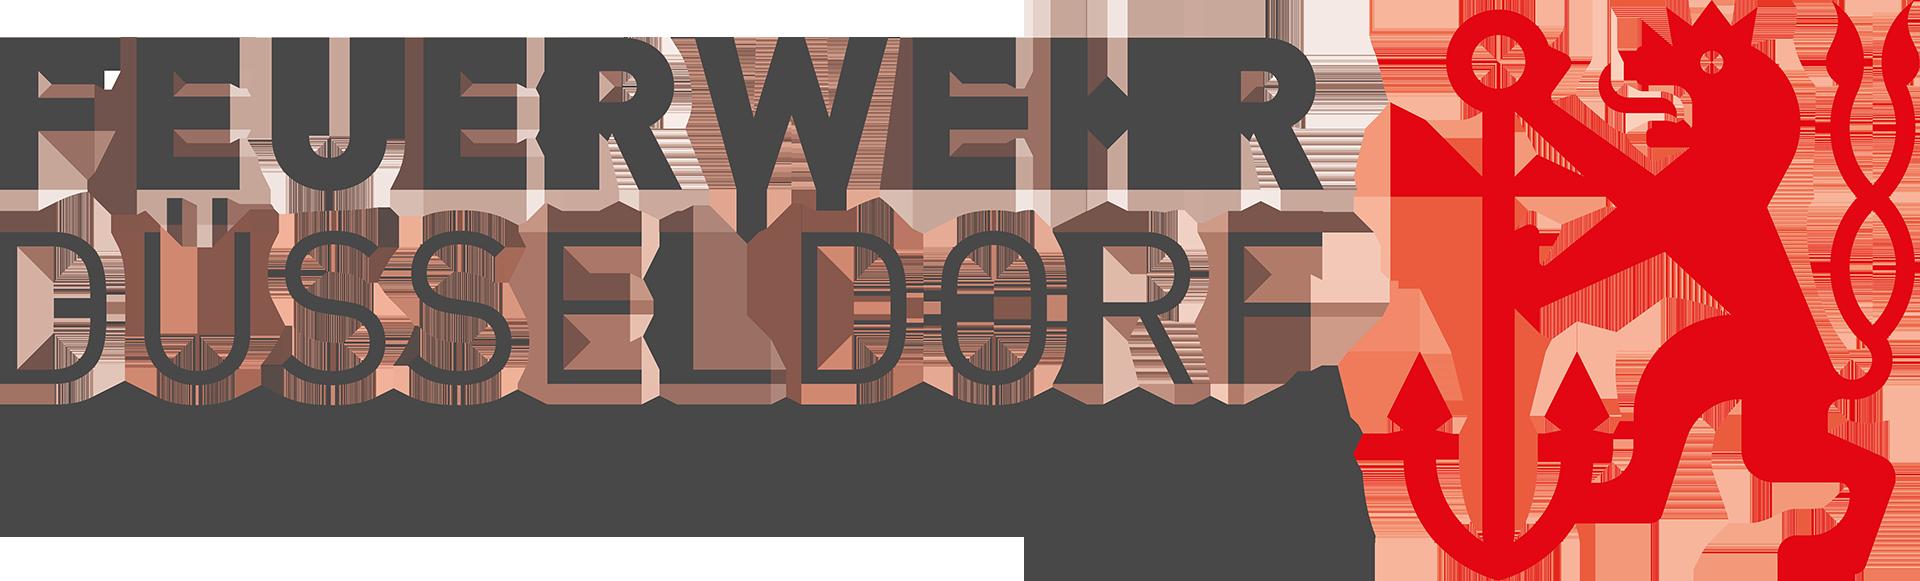 Freiwillige Feuerwehr Kaiserswerth